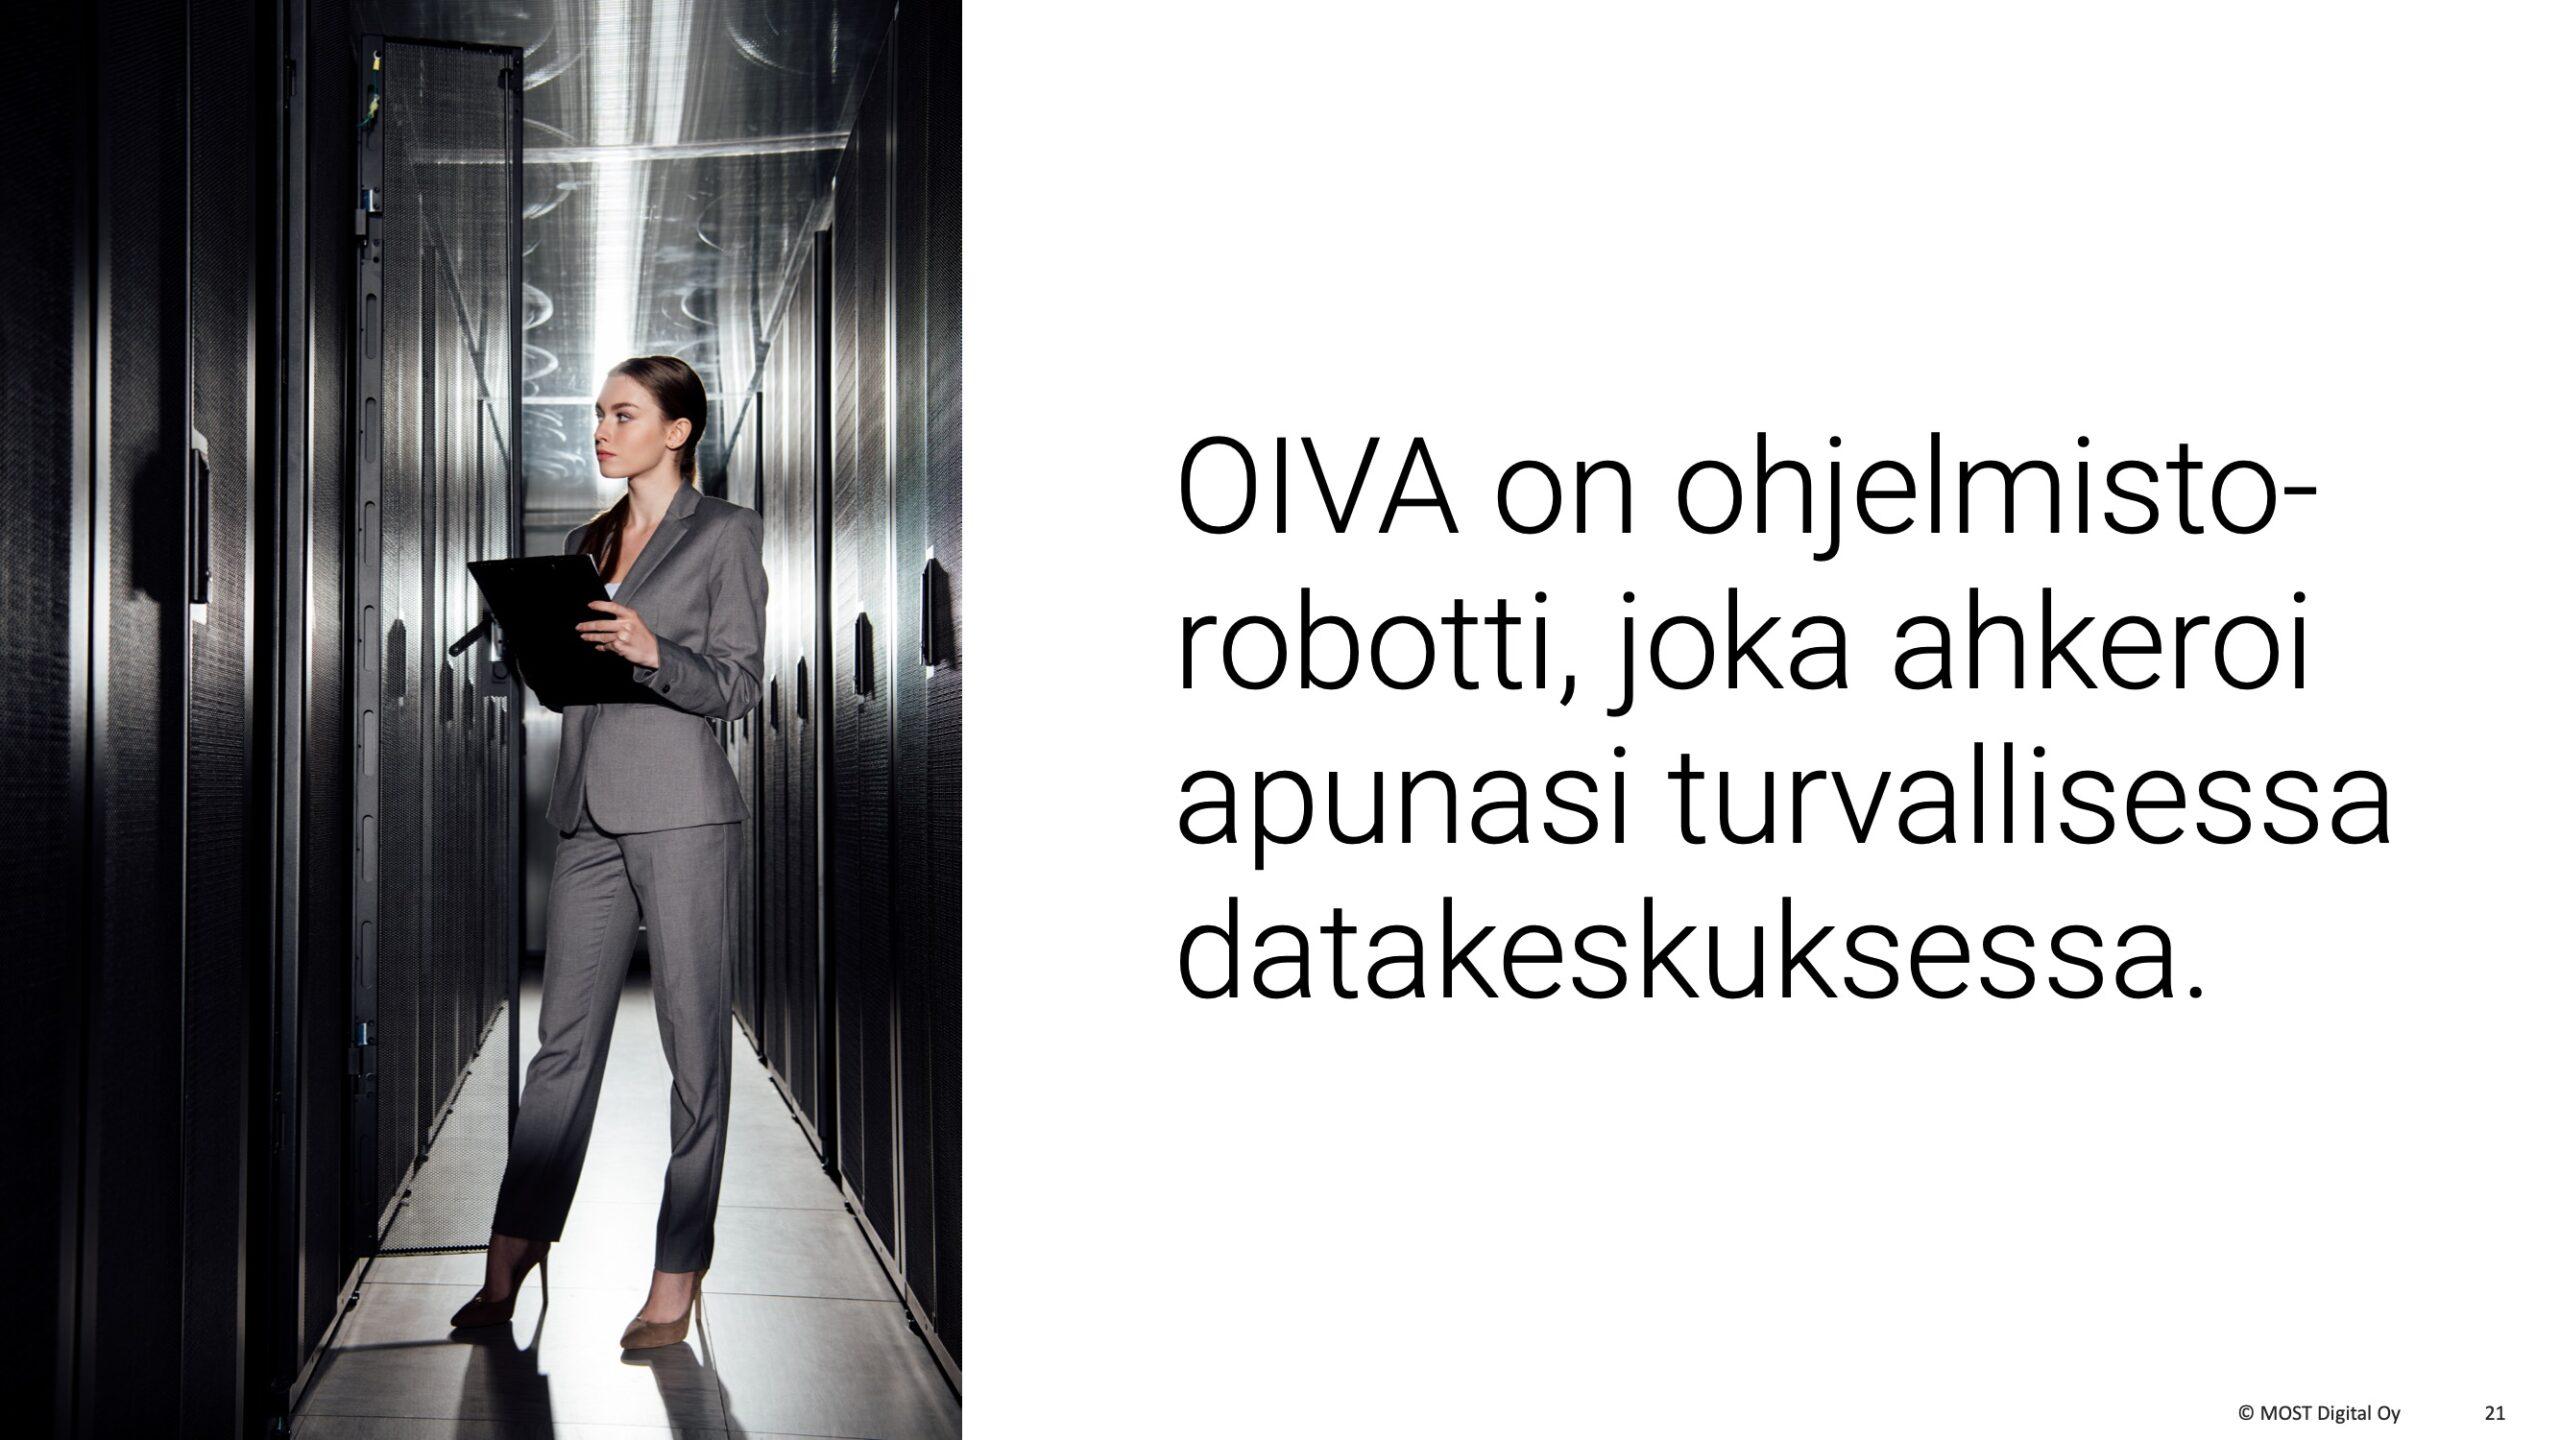 """OIVA-ohjelmistorobotti, MYYNTIESITYS, osa 2, sivu 5: Tämä on """"mikä se on"""" -lokerointisivu, joka usein unohtuu myyntiesityksistä kokonaan, koska asia on myyjälle niin itsestään selvä. Viimeistään tässä vaiheessa kannattaa kertoa, mitä OIVA-robotti käytännössä tarkoittaa. Se on datakeskuksessa ahkeroiva ohjelmisto."""